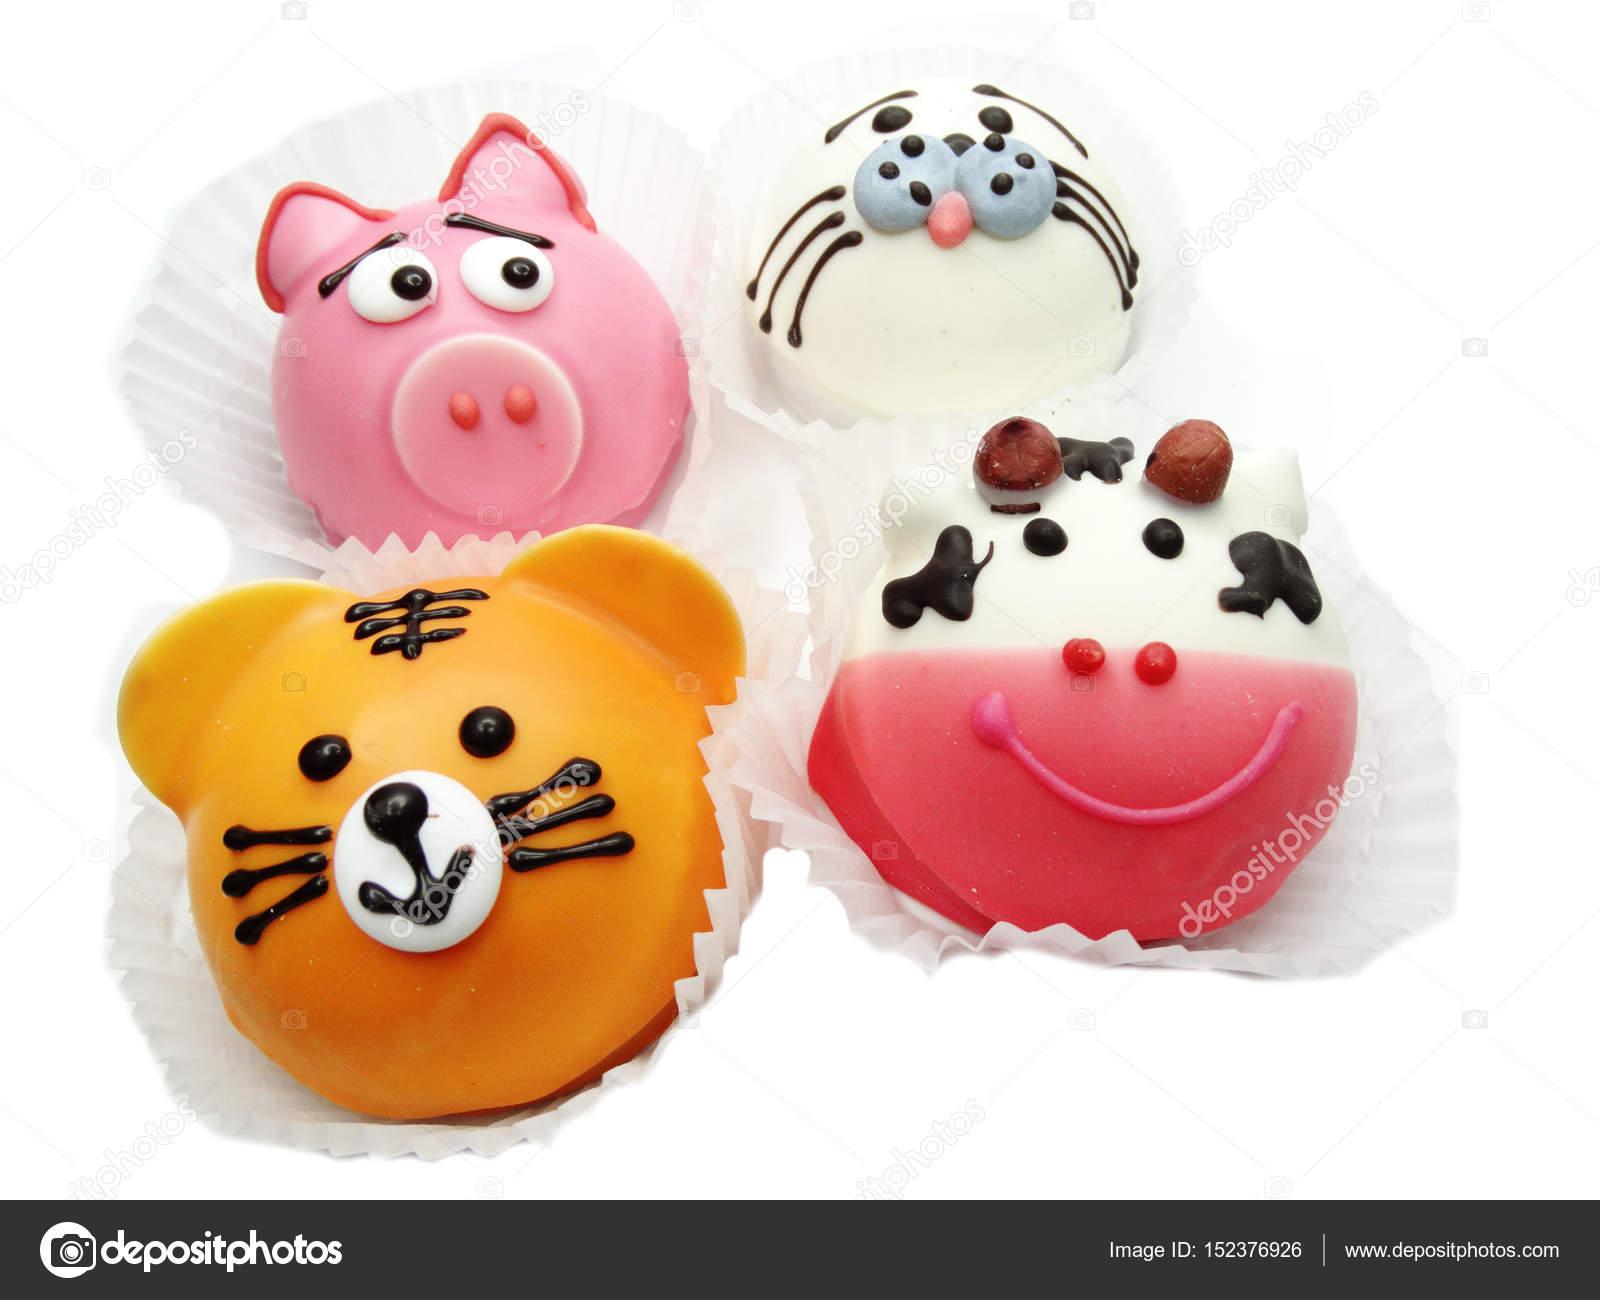 Kreative Kuche Kuchen Fur Die Kinder Lustiger Tierform Stockfoto